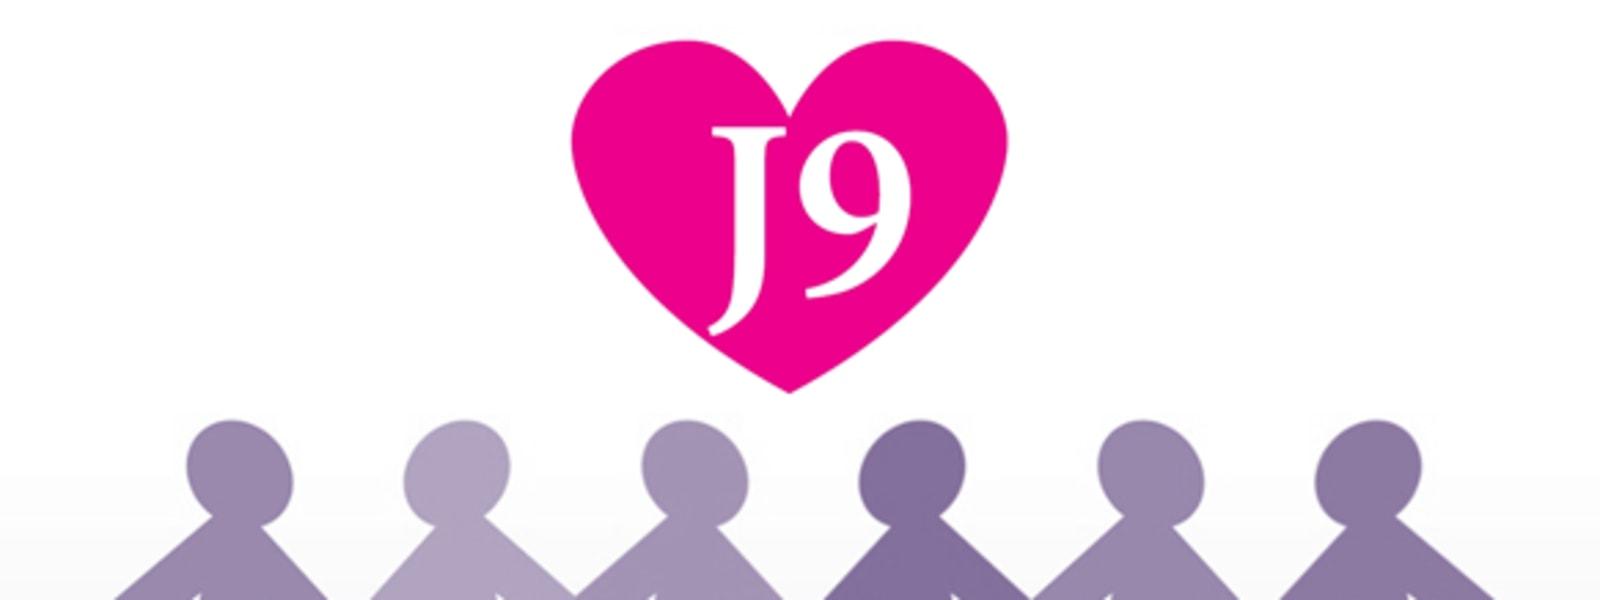 J9 Initiative